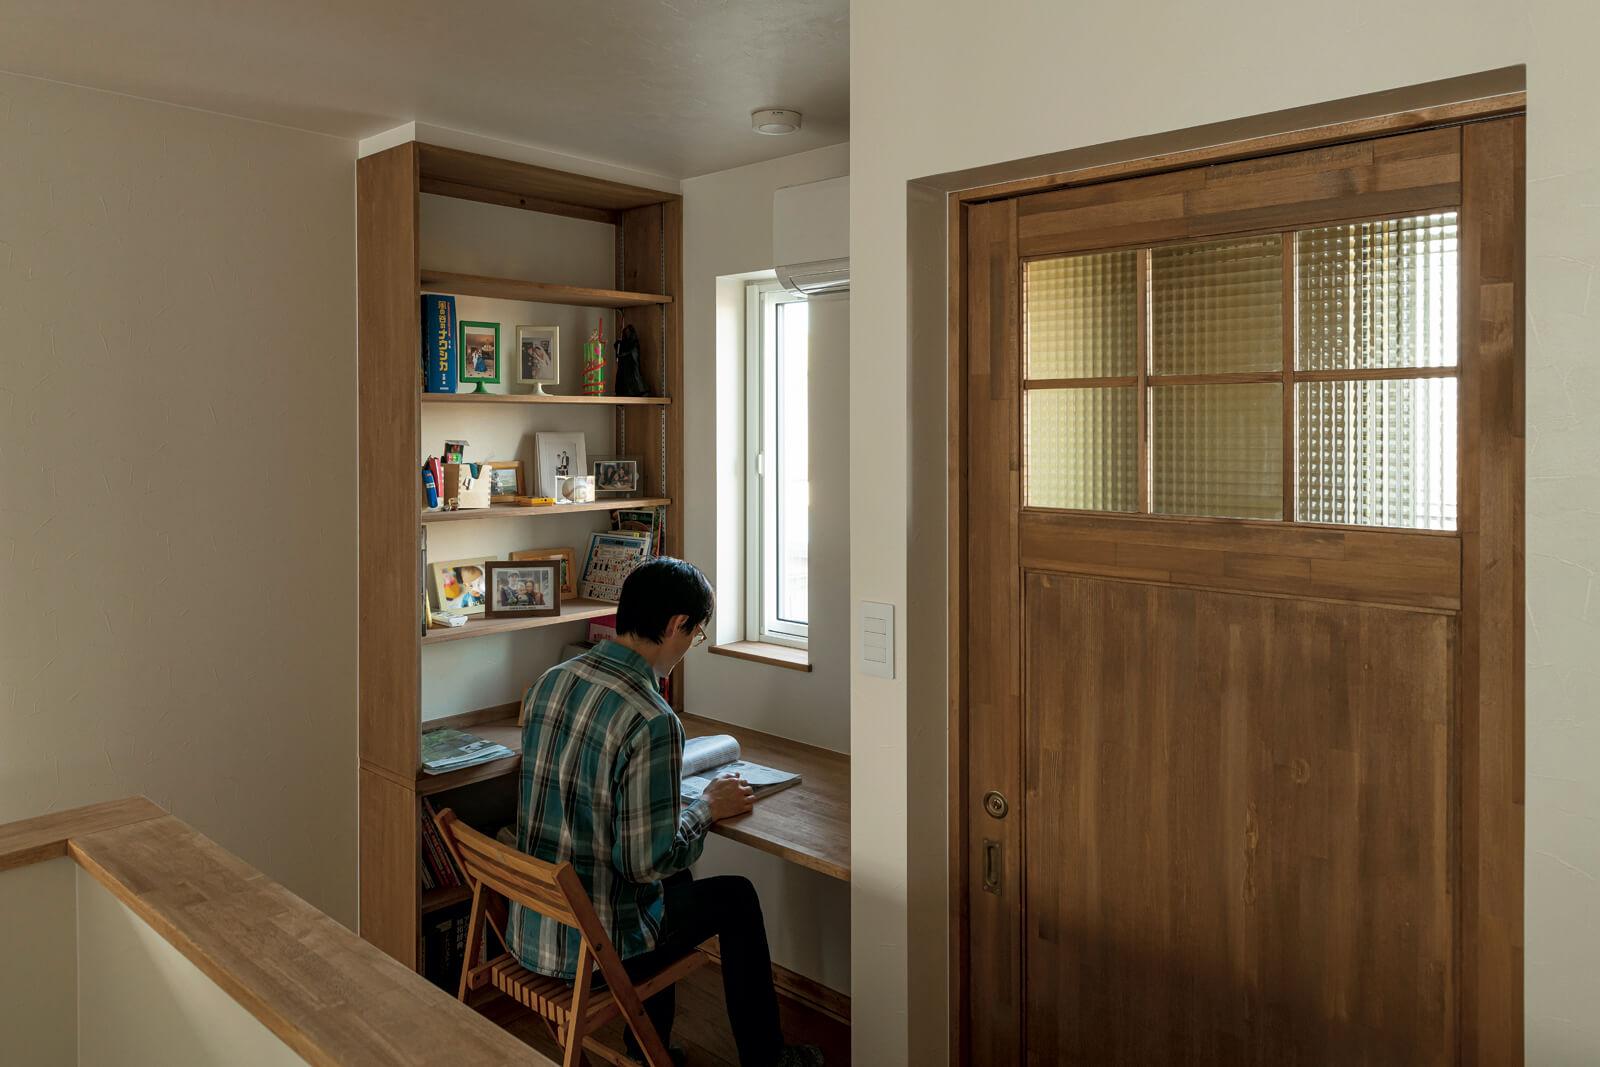 階段ホールの一角には、Gさんの希望で家族共用の書斎が設けられた。「自分の居場所ができたようで、嬉しいです」とGさん